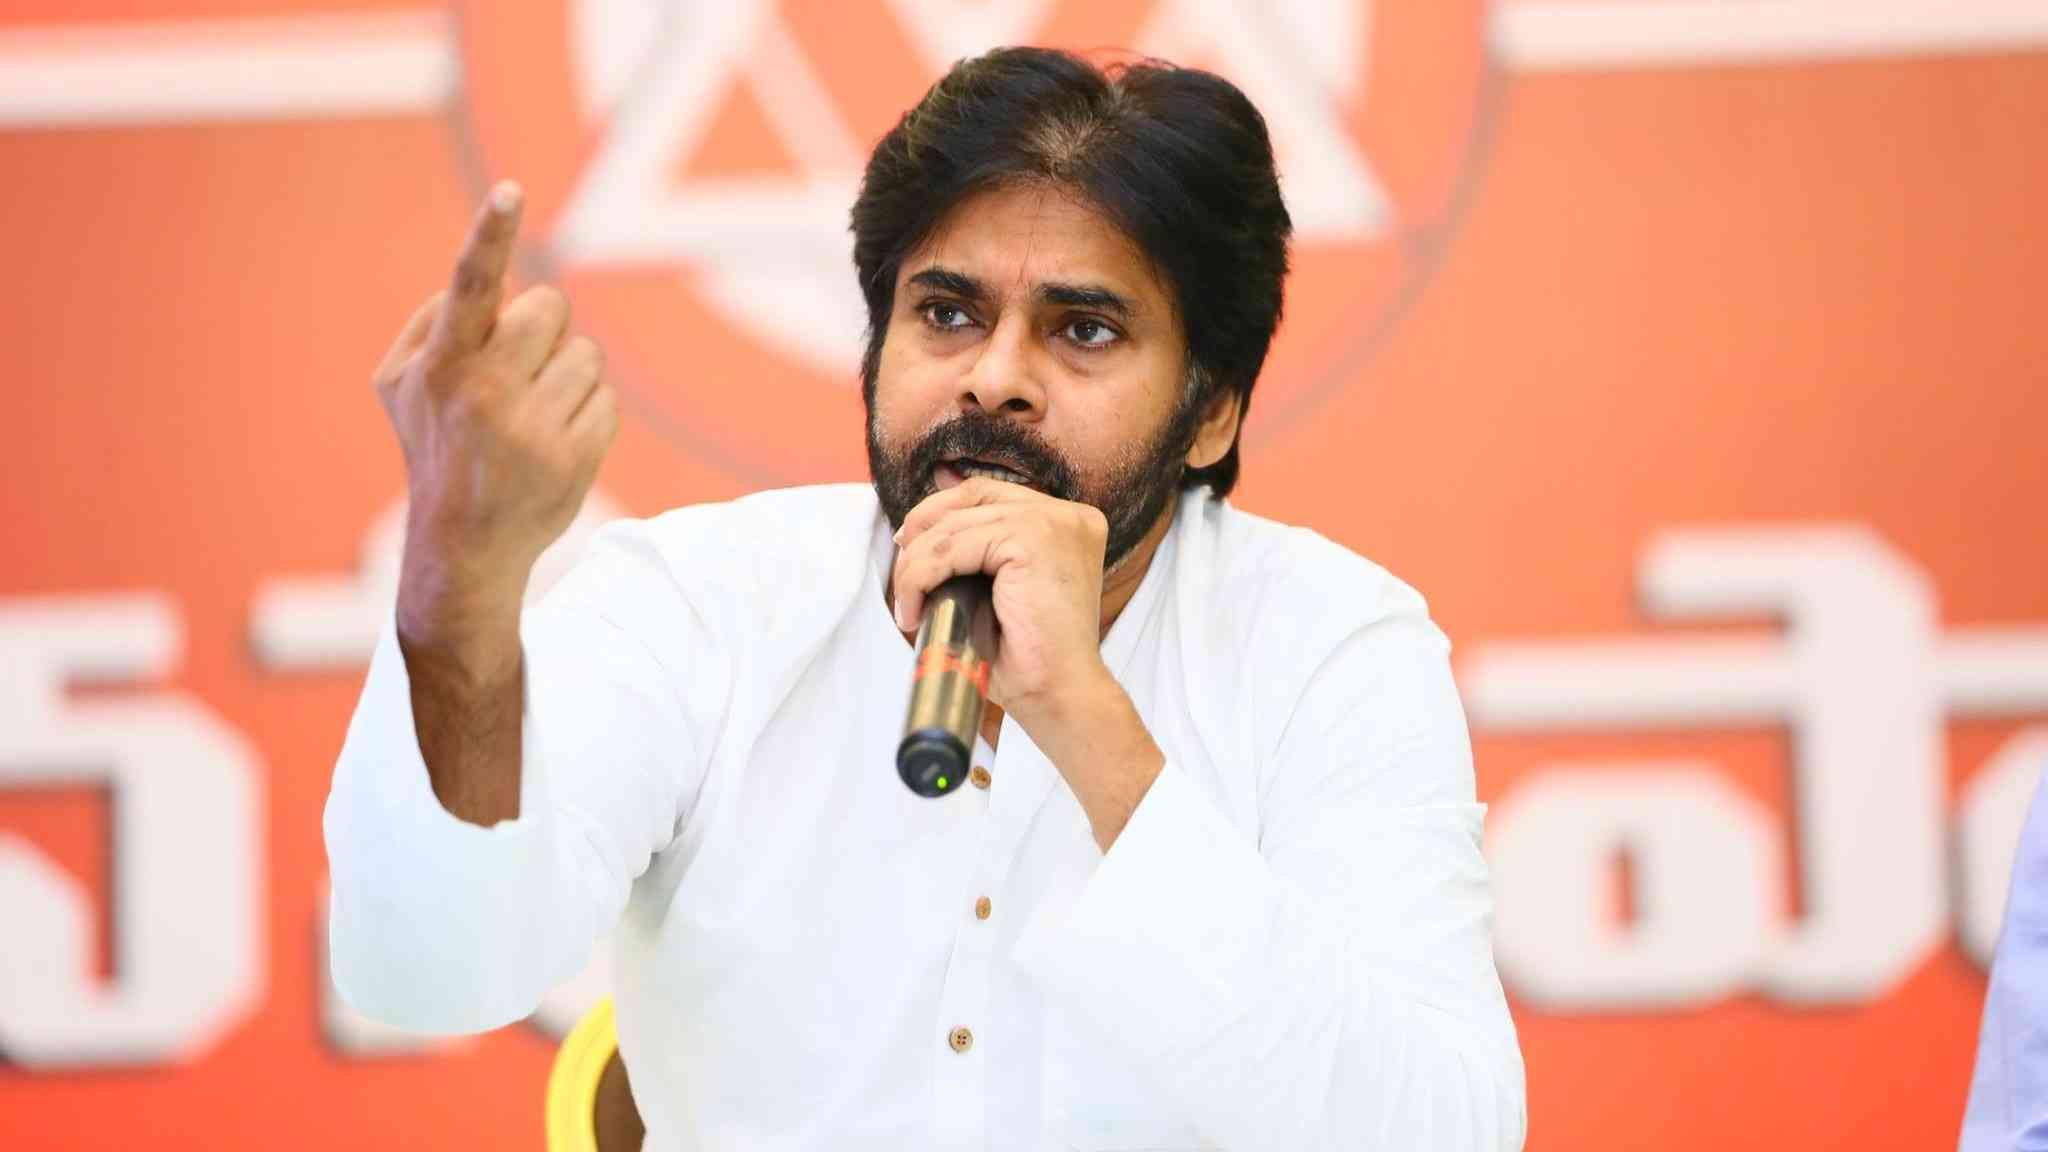 will rajinikanth kamal haasan make as an impression as mgr ntr does in politics - Satya Hindi